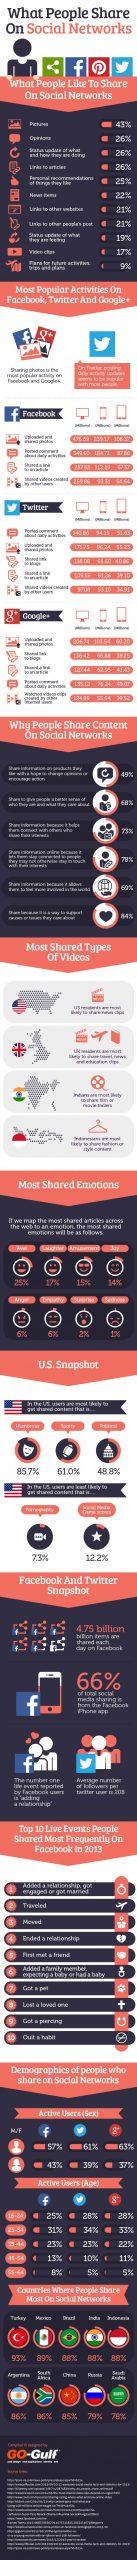 Ce tip de conținut e distribuit pe rețelele de socializare